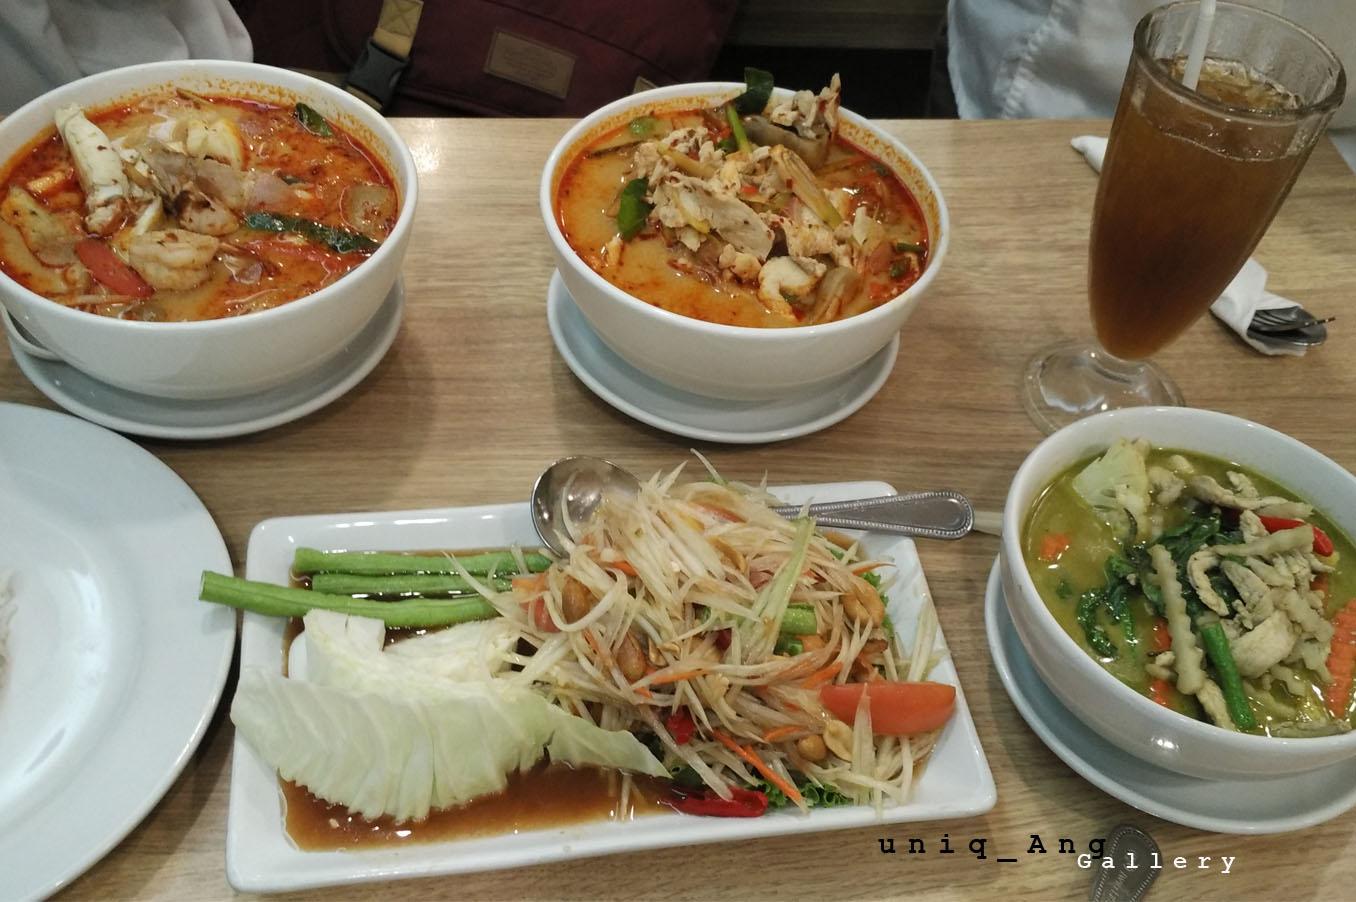 Berburu Makanan Halal Di Bangkok Ang Menulis Naraya Oat Choco Green Tea Flavour 40pc Enak Snack Teh Hijau Restoran Ini Ada Mbk Mall Yang Merupakan Favorit Pelancong Buat Belanja Oleh Atau Sekedar Shoping Kalau Sudah Lapar Dan Capek